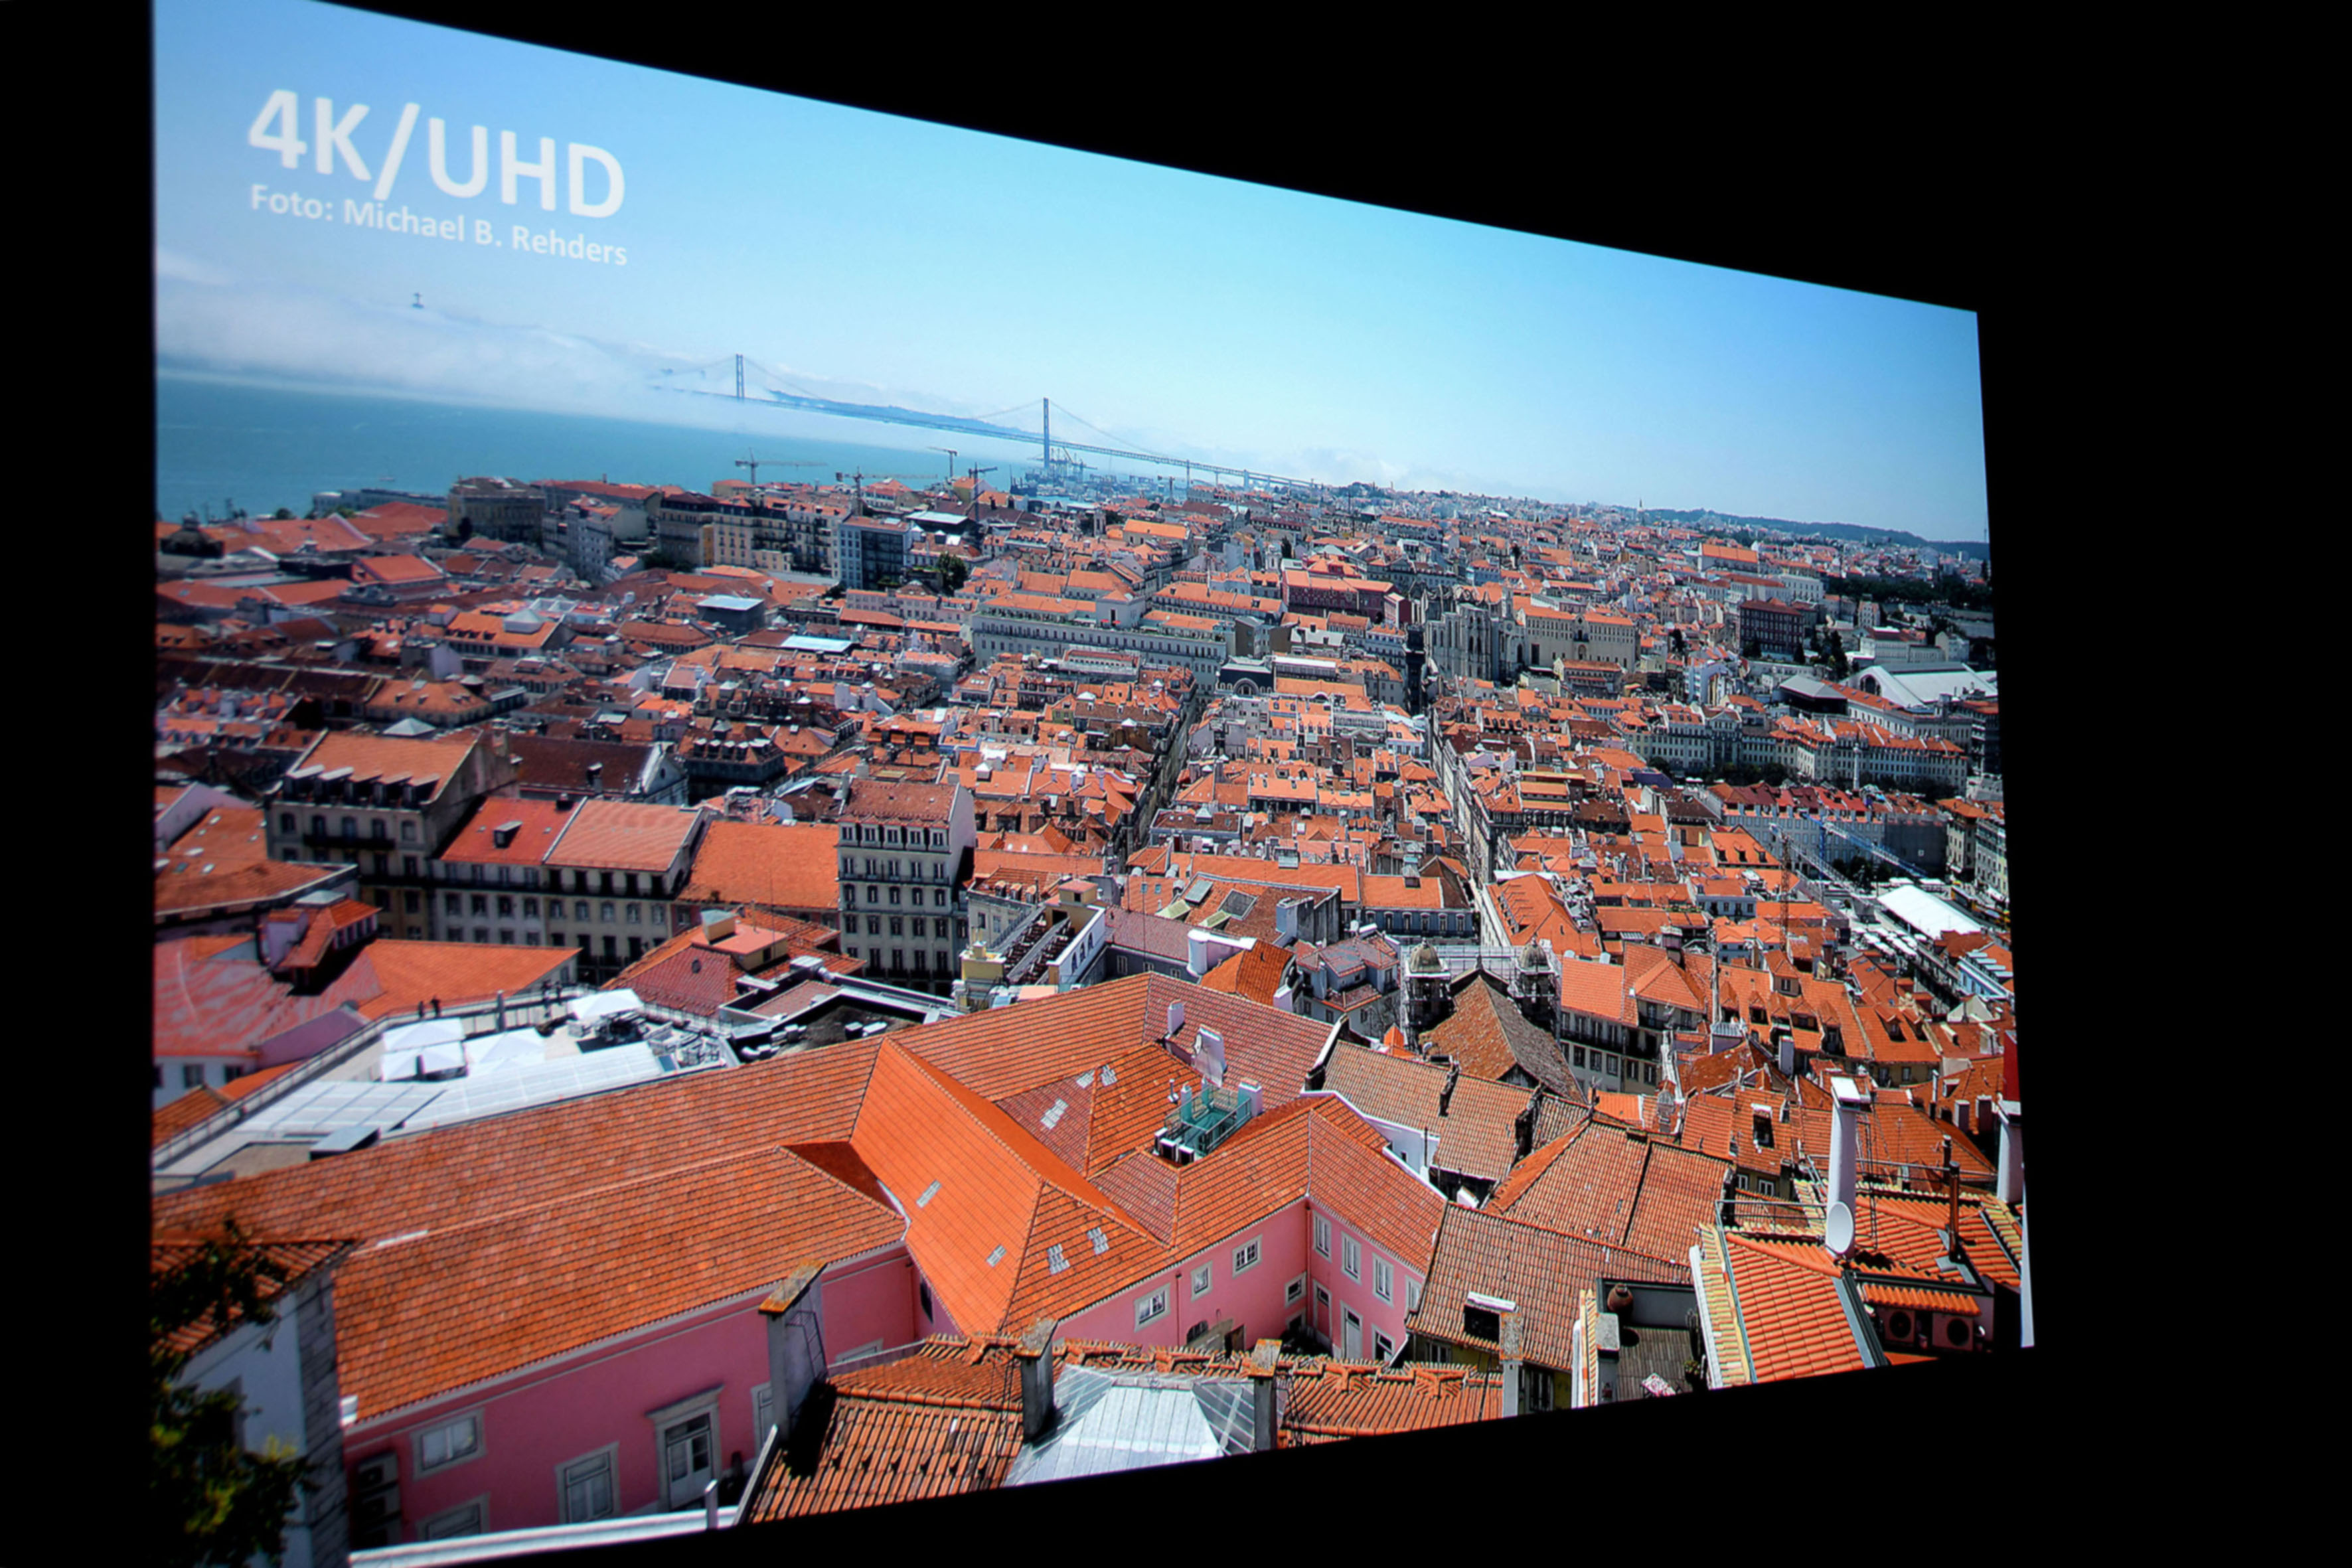 JVC DLA-X7900 Diese Aufnahme habe ich in Lissabon geschossen. Der JVC DLA-X7900 stellt feinste Elemente der Häuser dar. Der Nebel im Hintergrund sieht originalgetreu aus und selbst die Hängebrücke ist im Hintergrund detailliert zu erkennen.